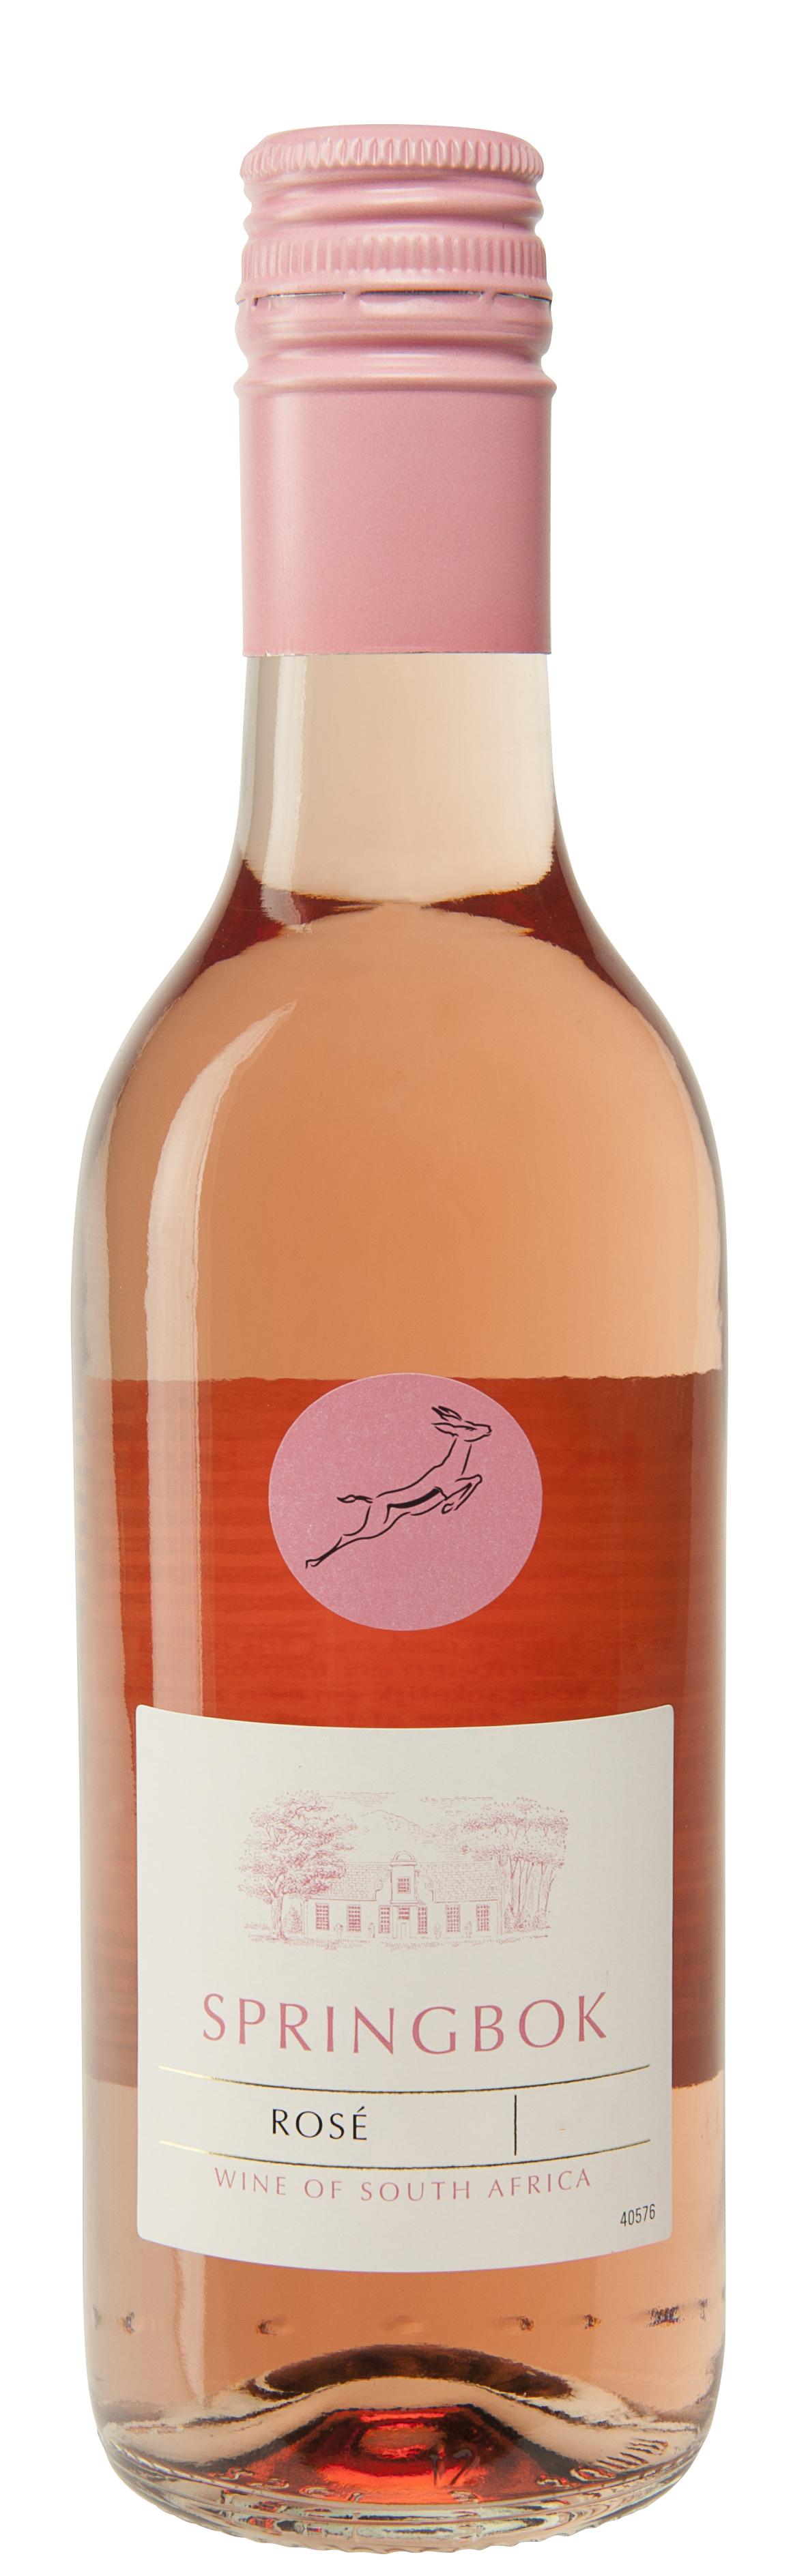 Springbok Rosé